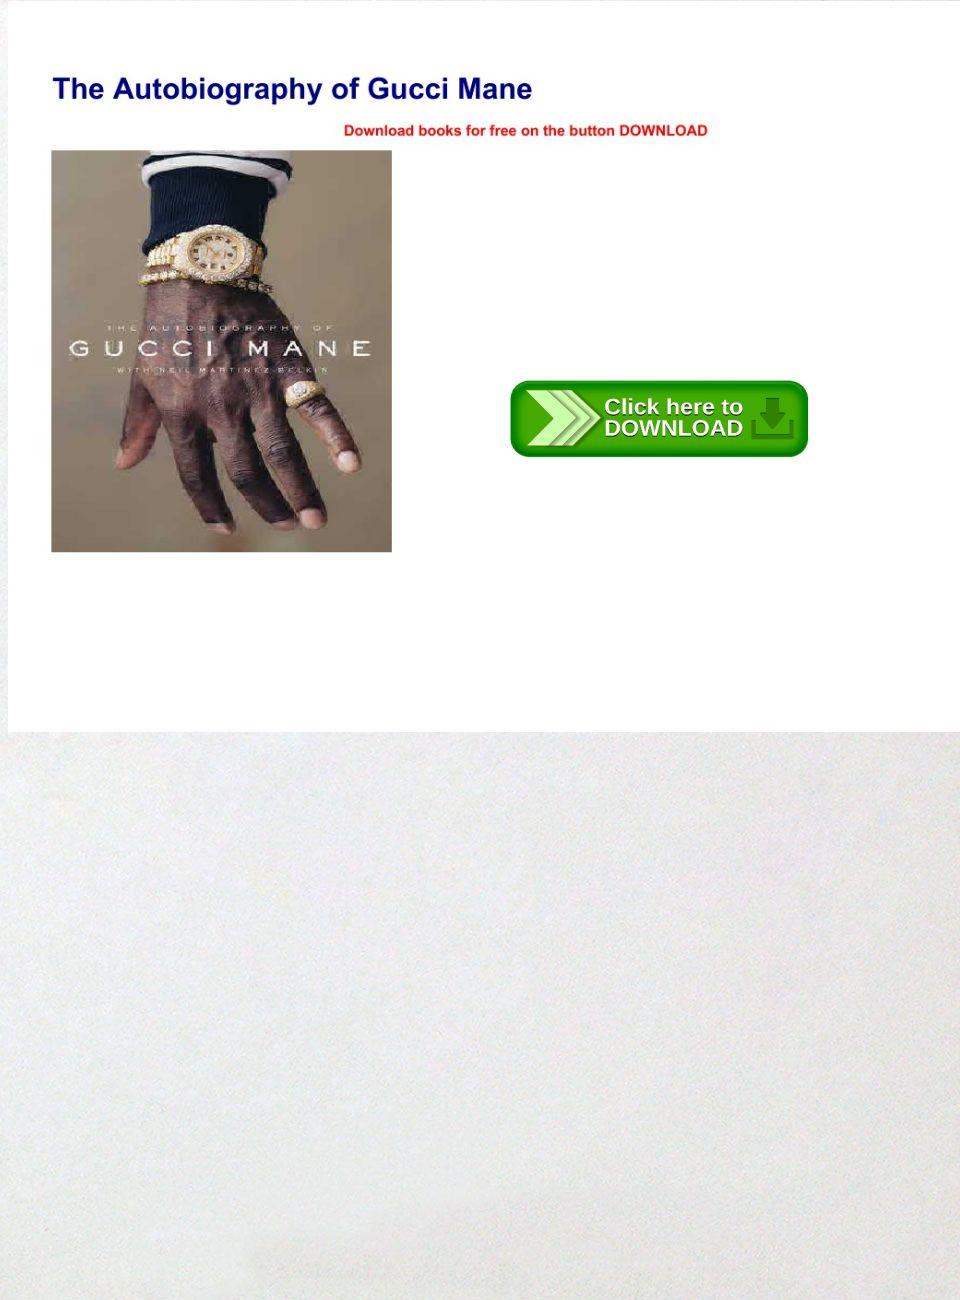 Gucci Mane Autobiography Pdf